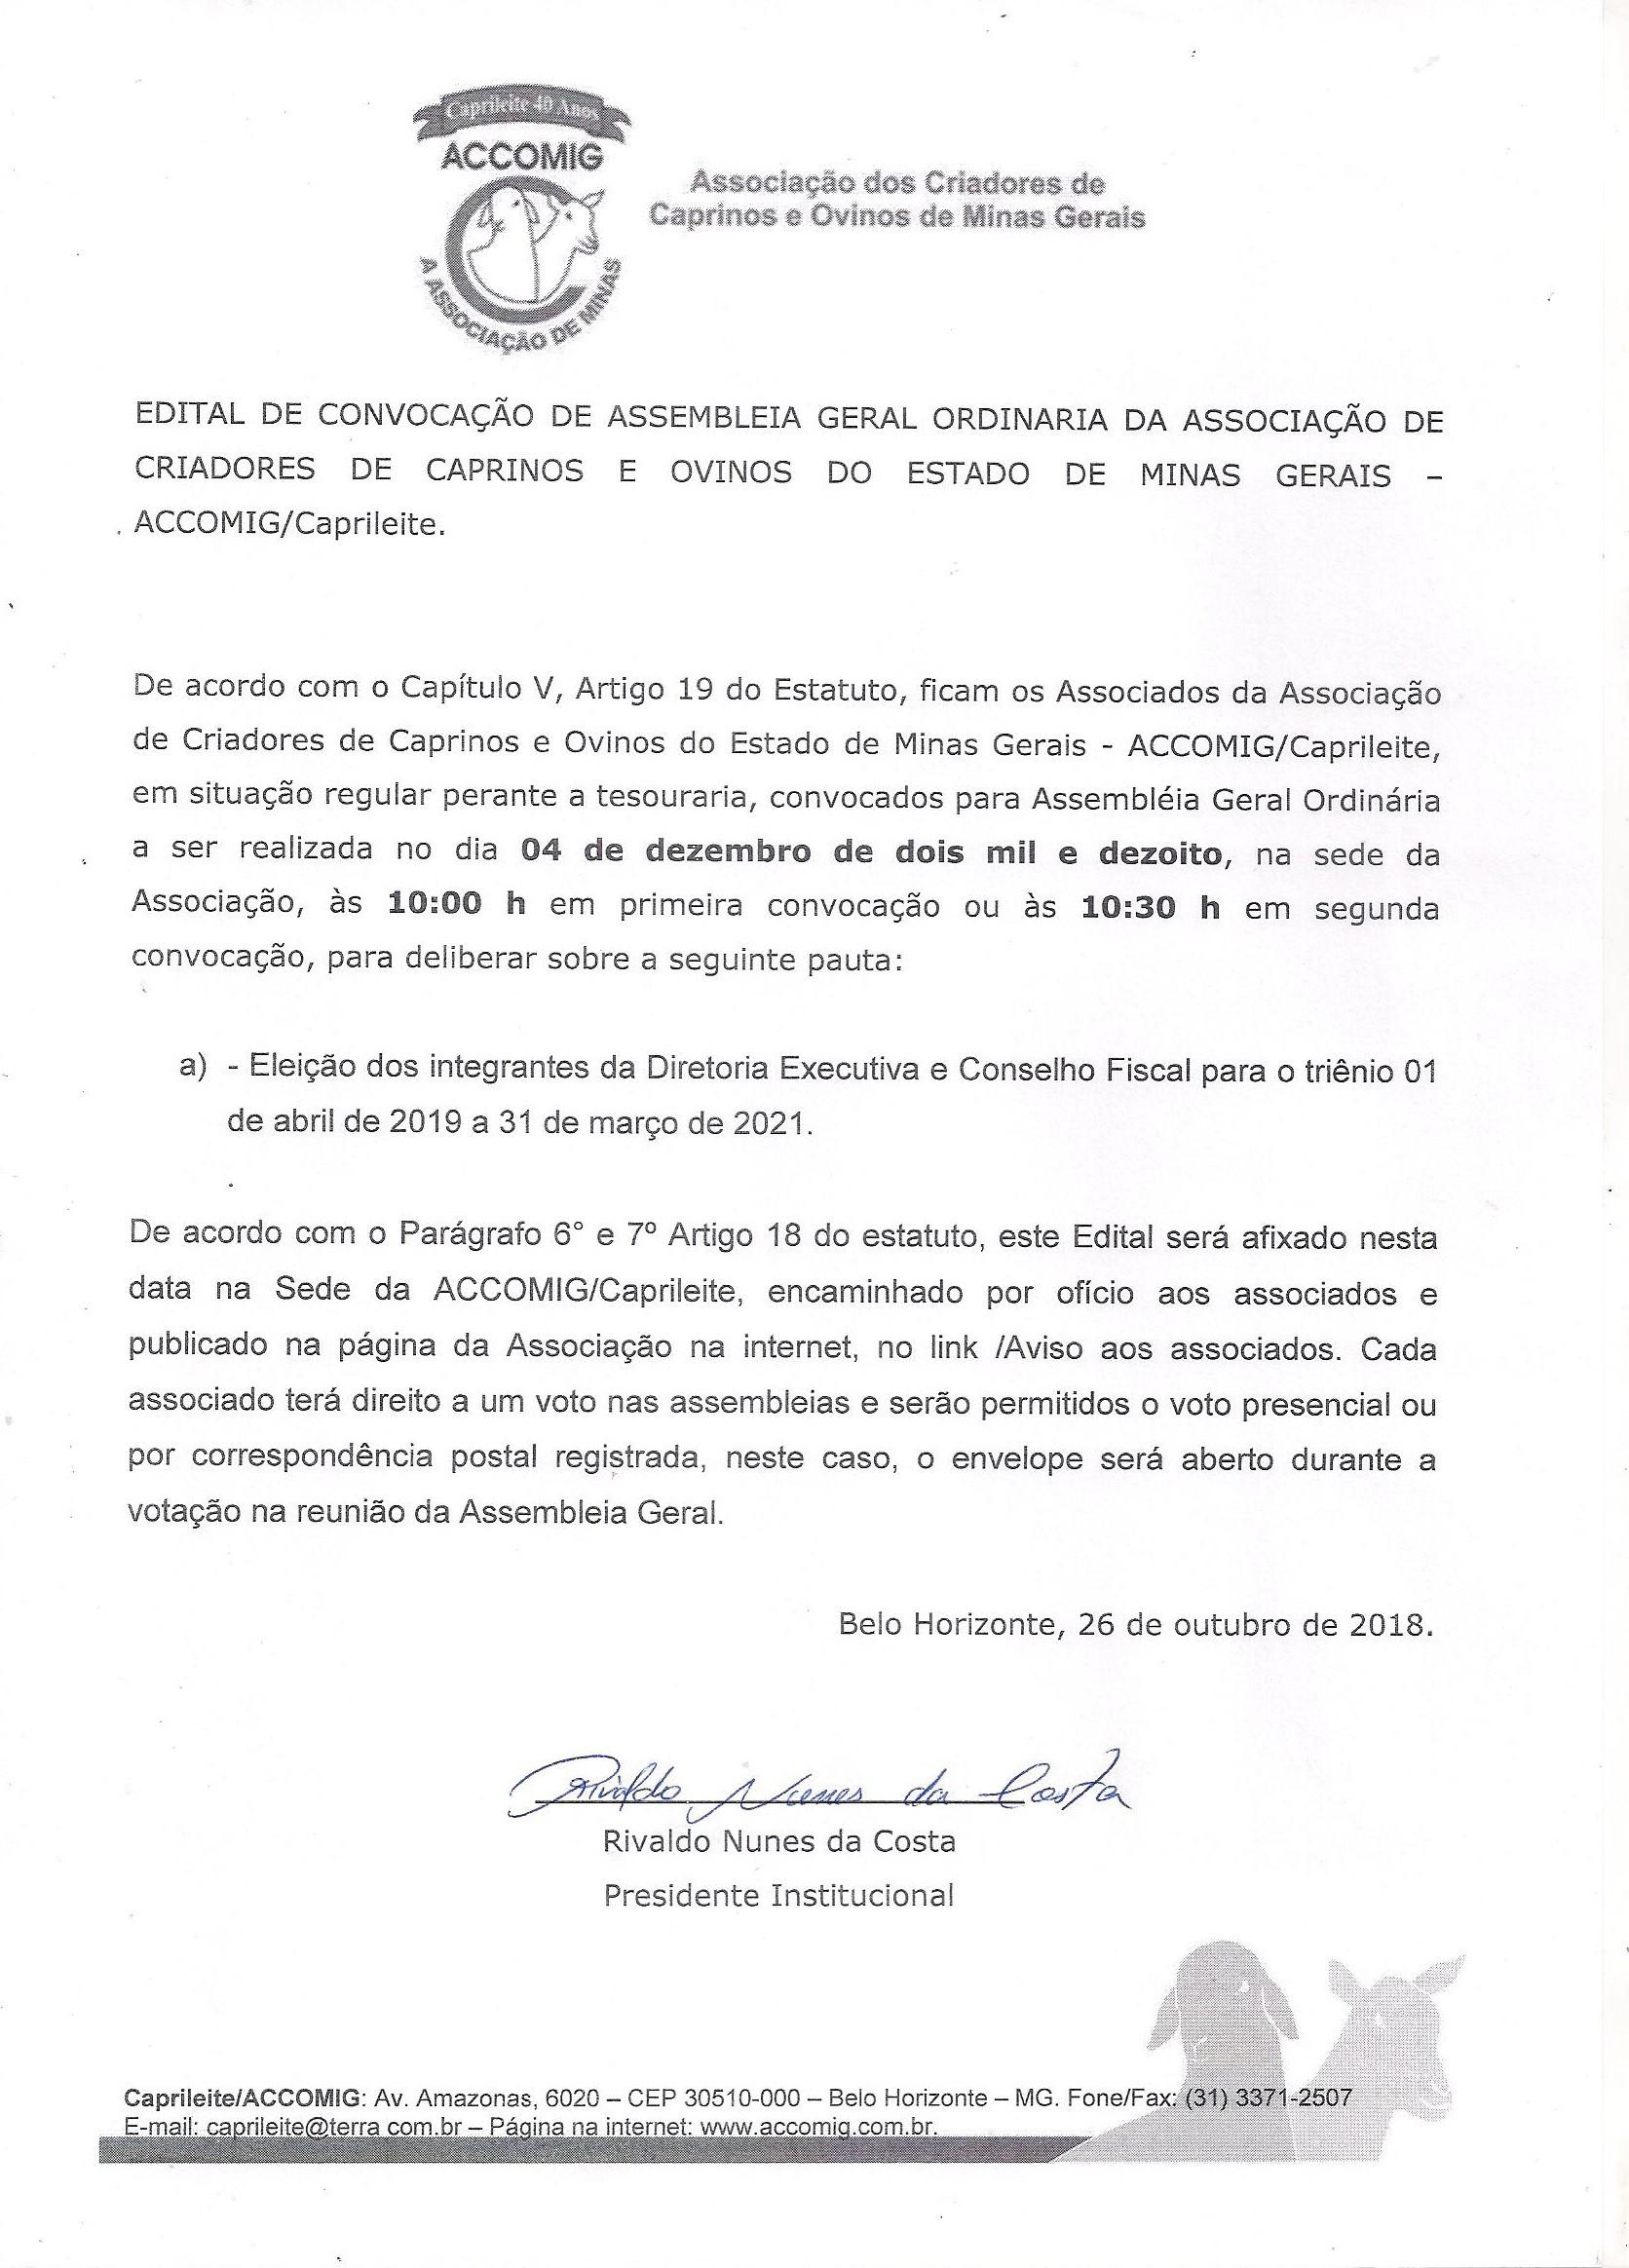 EDITAL CONVOCAÇÃO ASSEMBLÉIA GERAL ORDINÁRIA ACCOMIG_ELEIÇÃO DIRETORIA